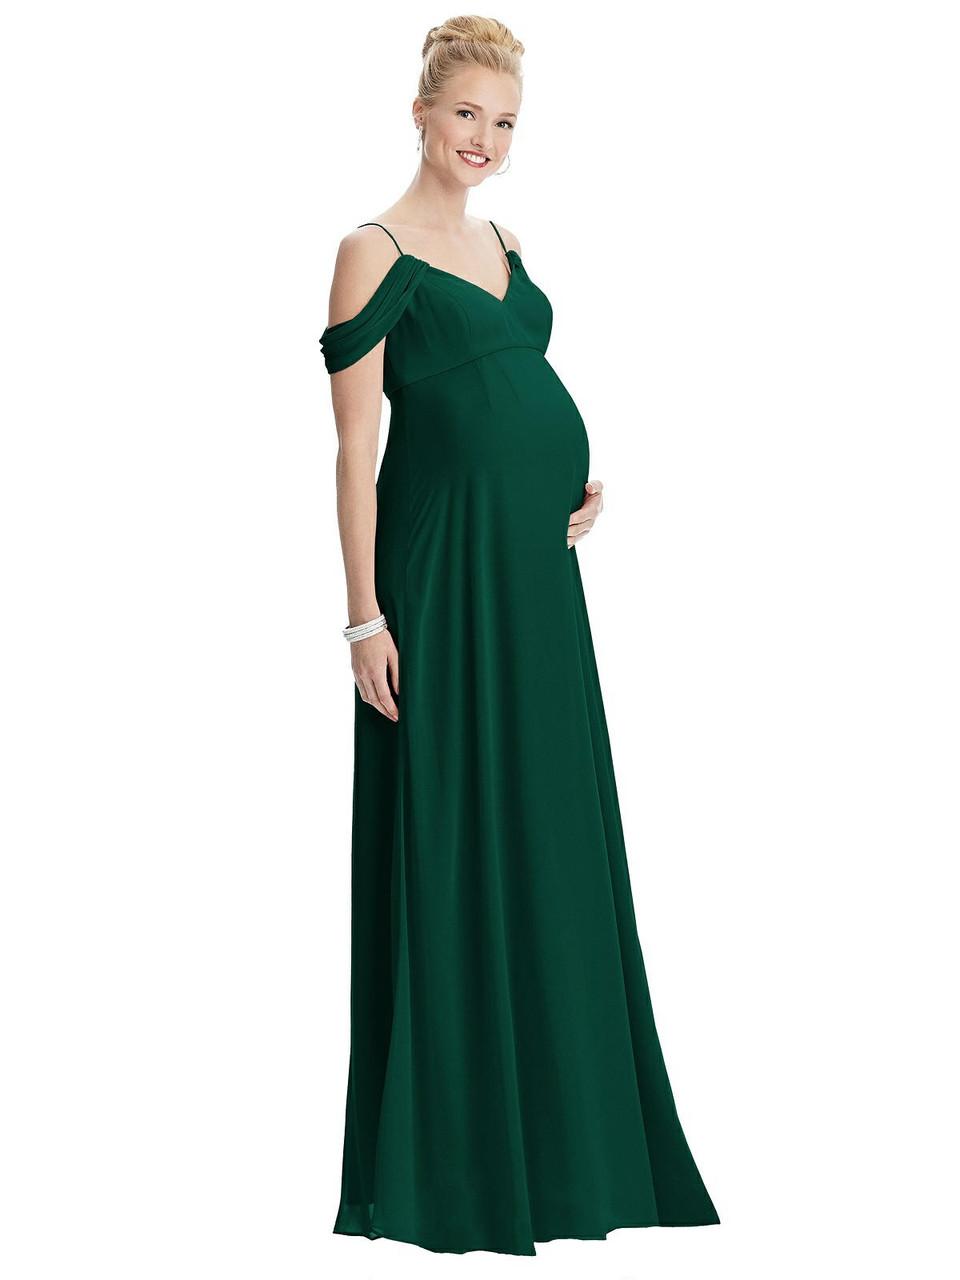 Maternity Style M442  |  Lux Chiffon - Draped Cold-Shoulder Chiffon Maternity Dress